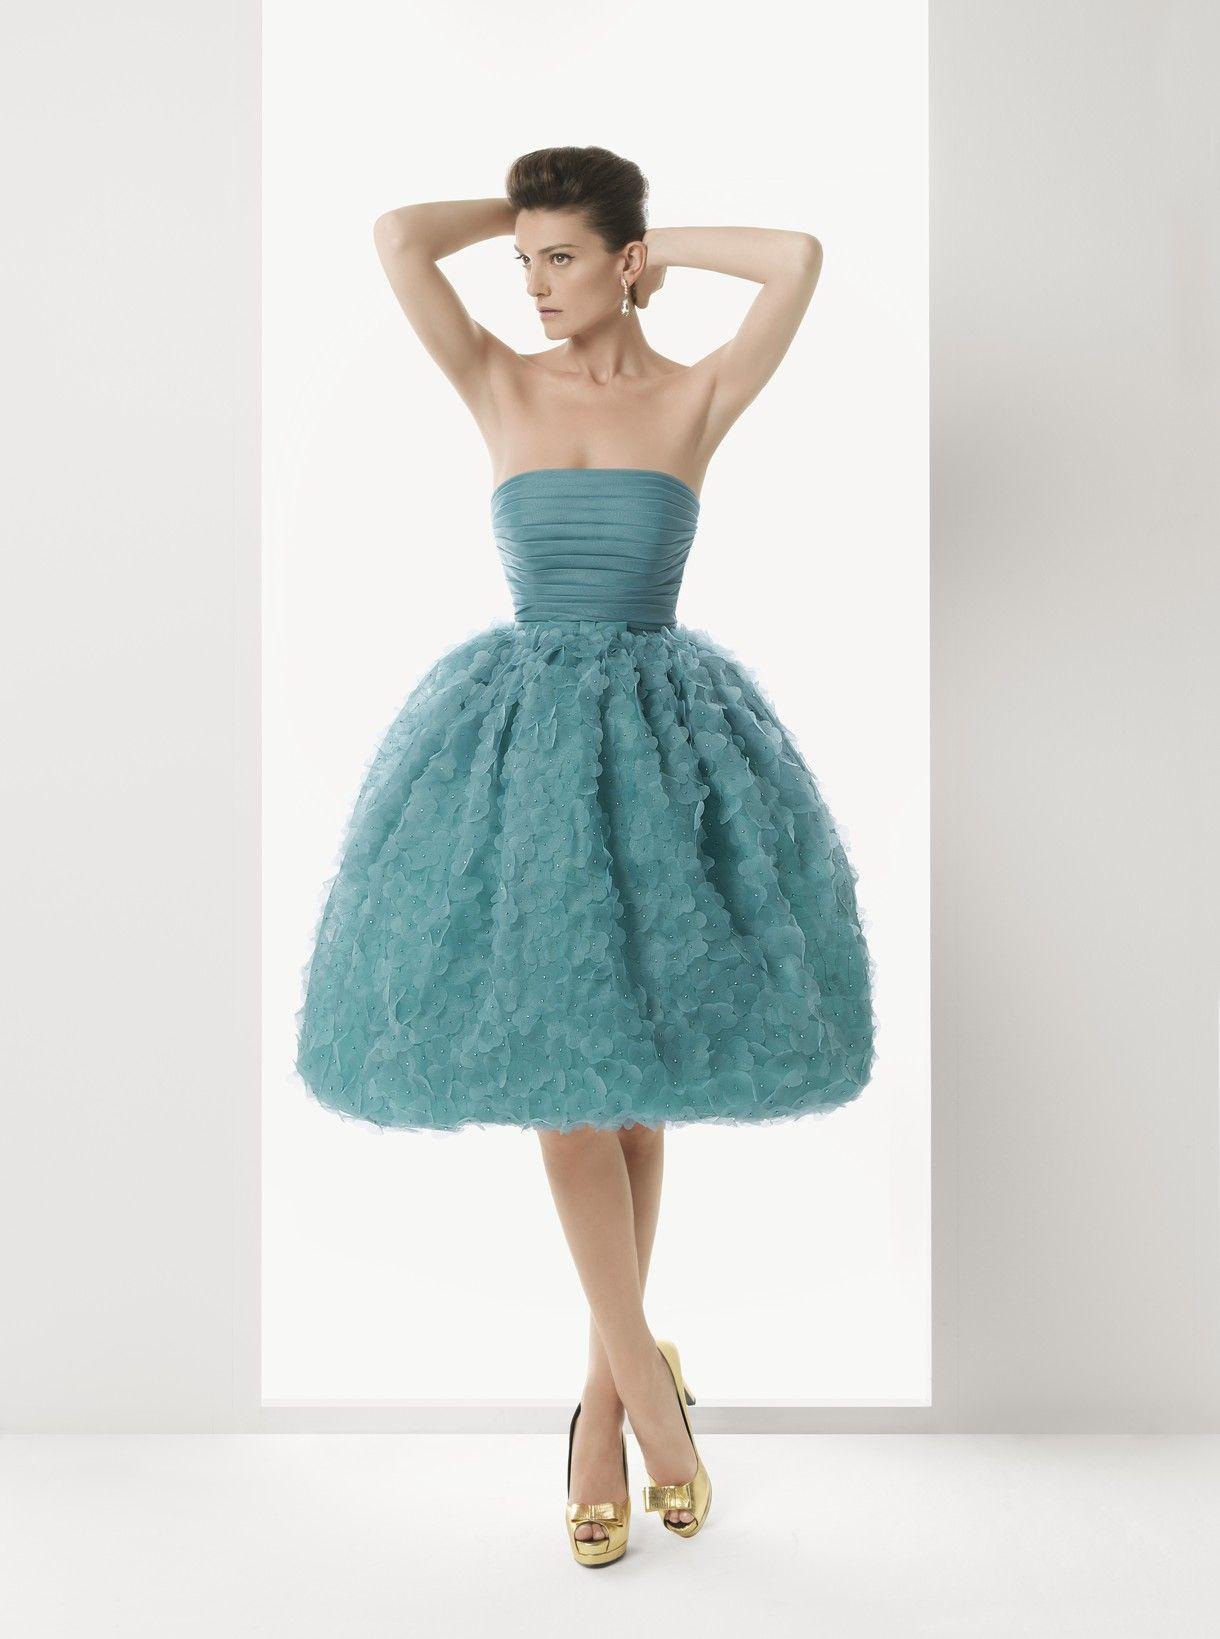 Vestidos de novia y vestidos de fiesta | Rosa clará, Rosas y Modelo